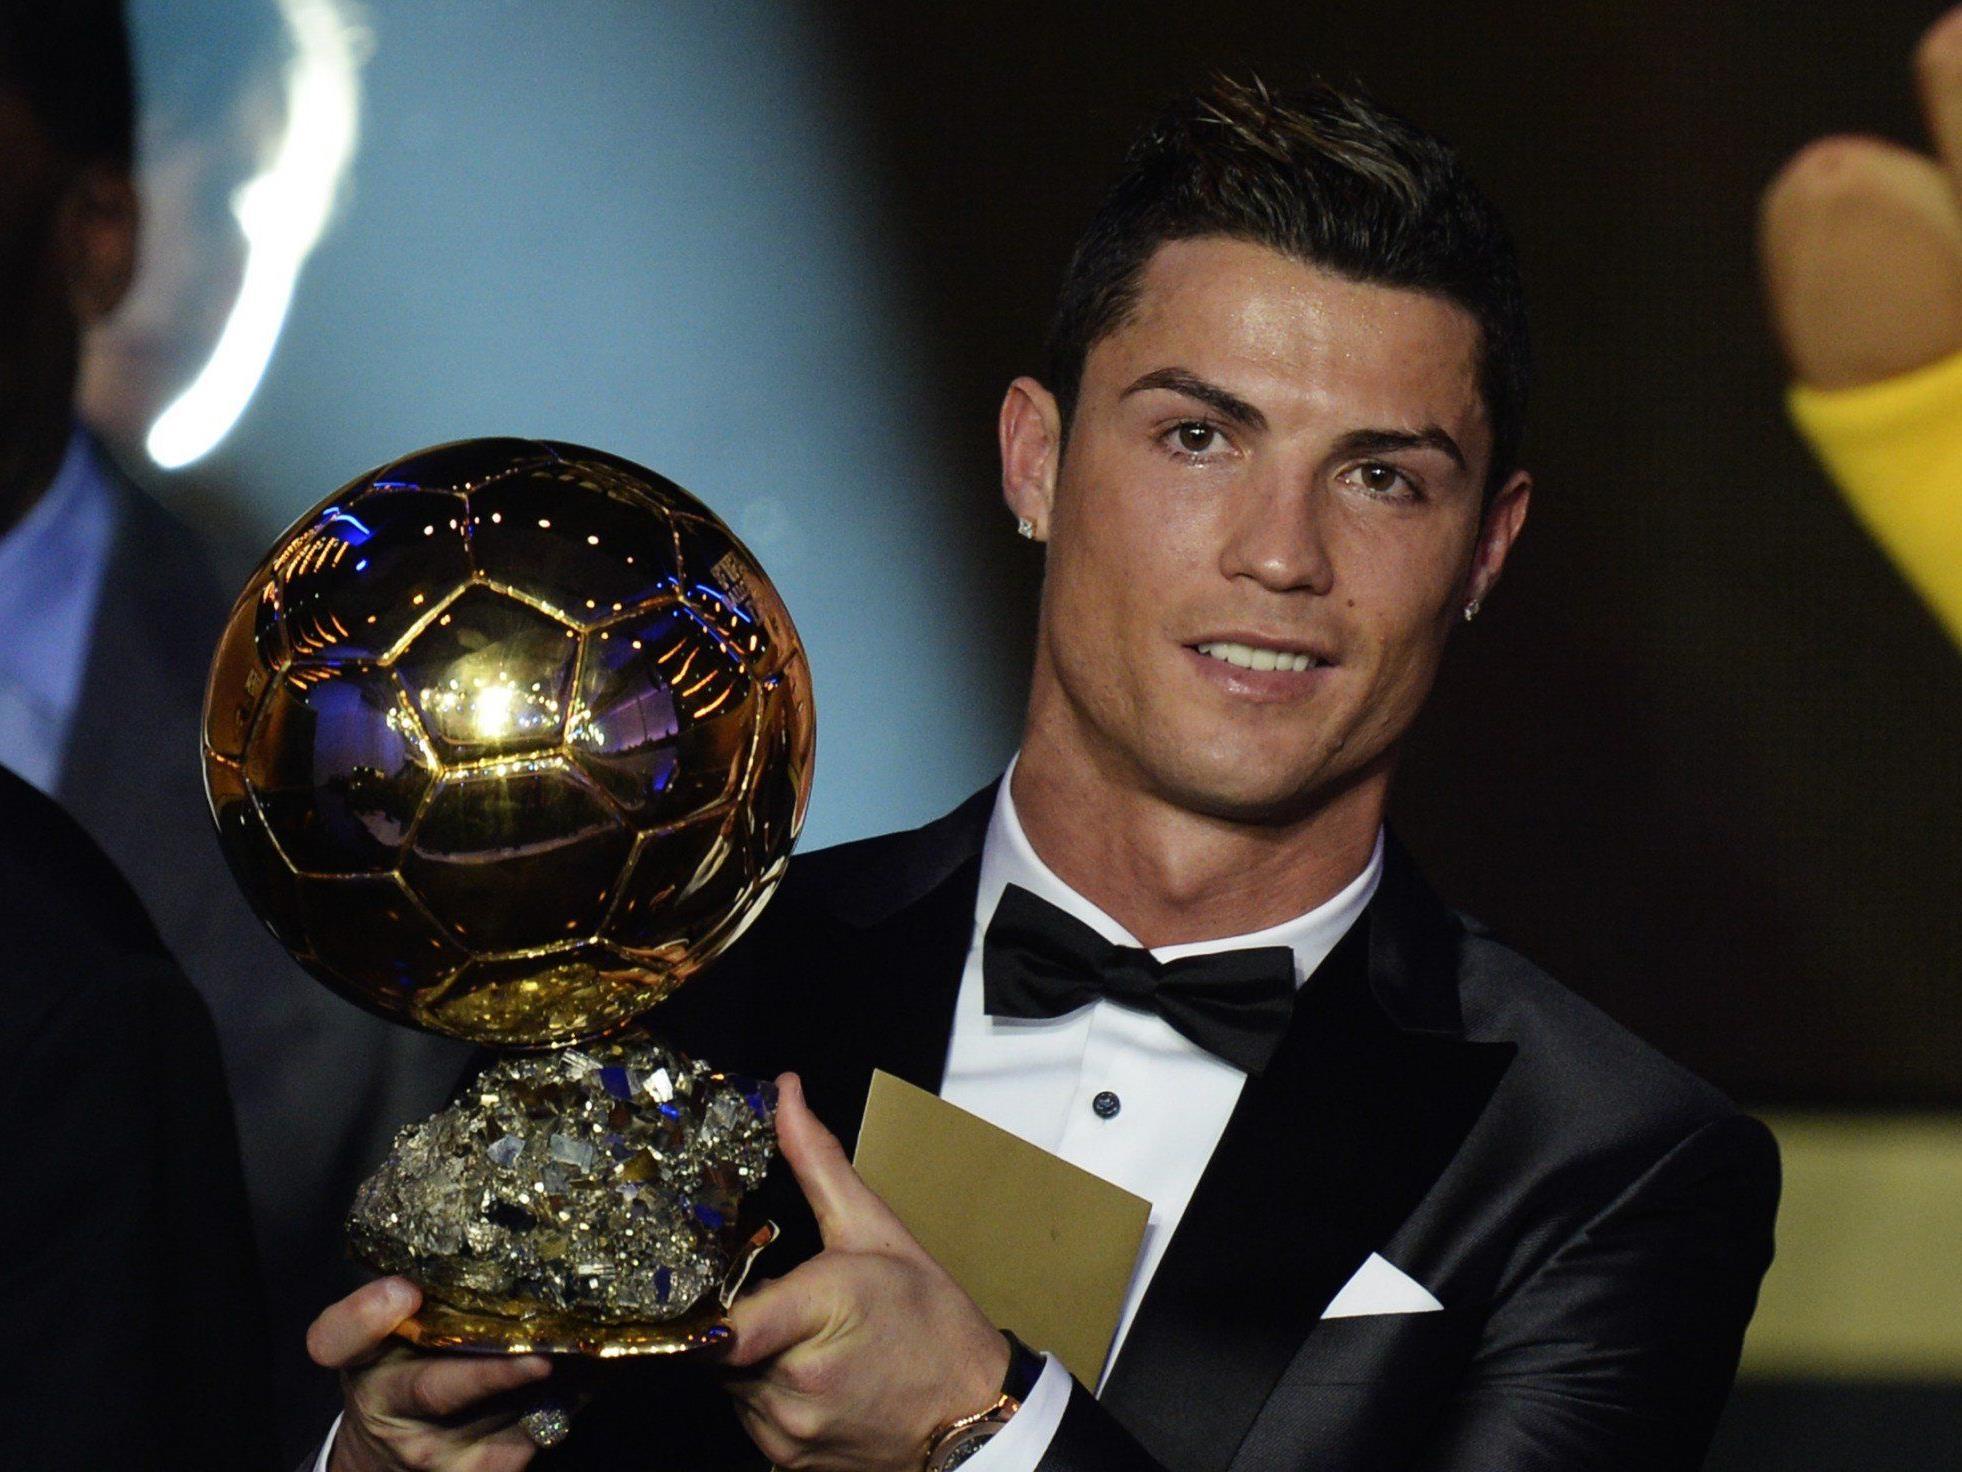 Ronaldo gewann 2013 im Gegensatz zu Messi keinen einzigen Titel, überzeugte aber mit starken Leistungen.